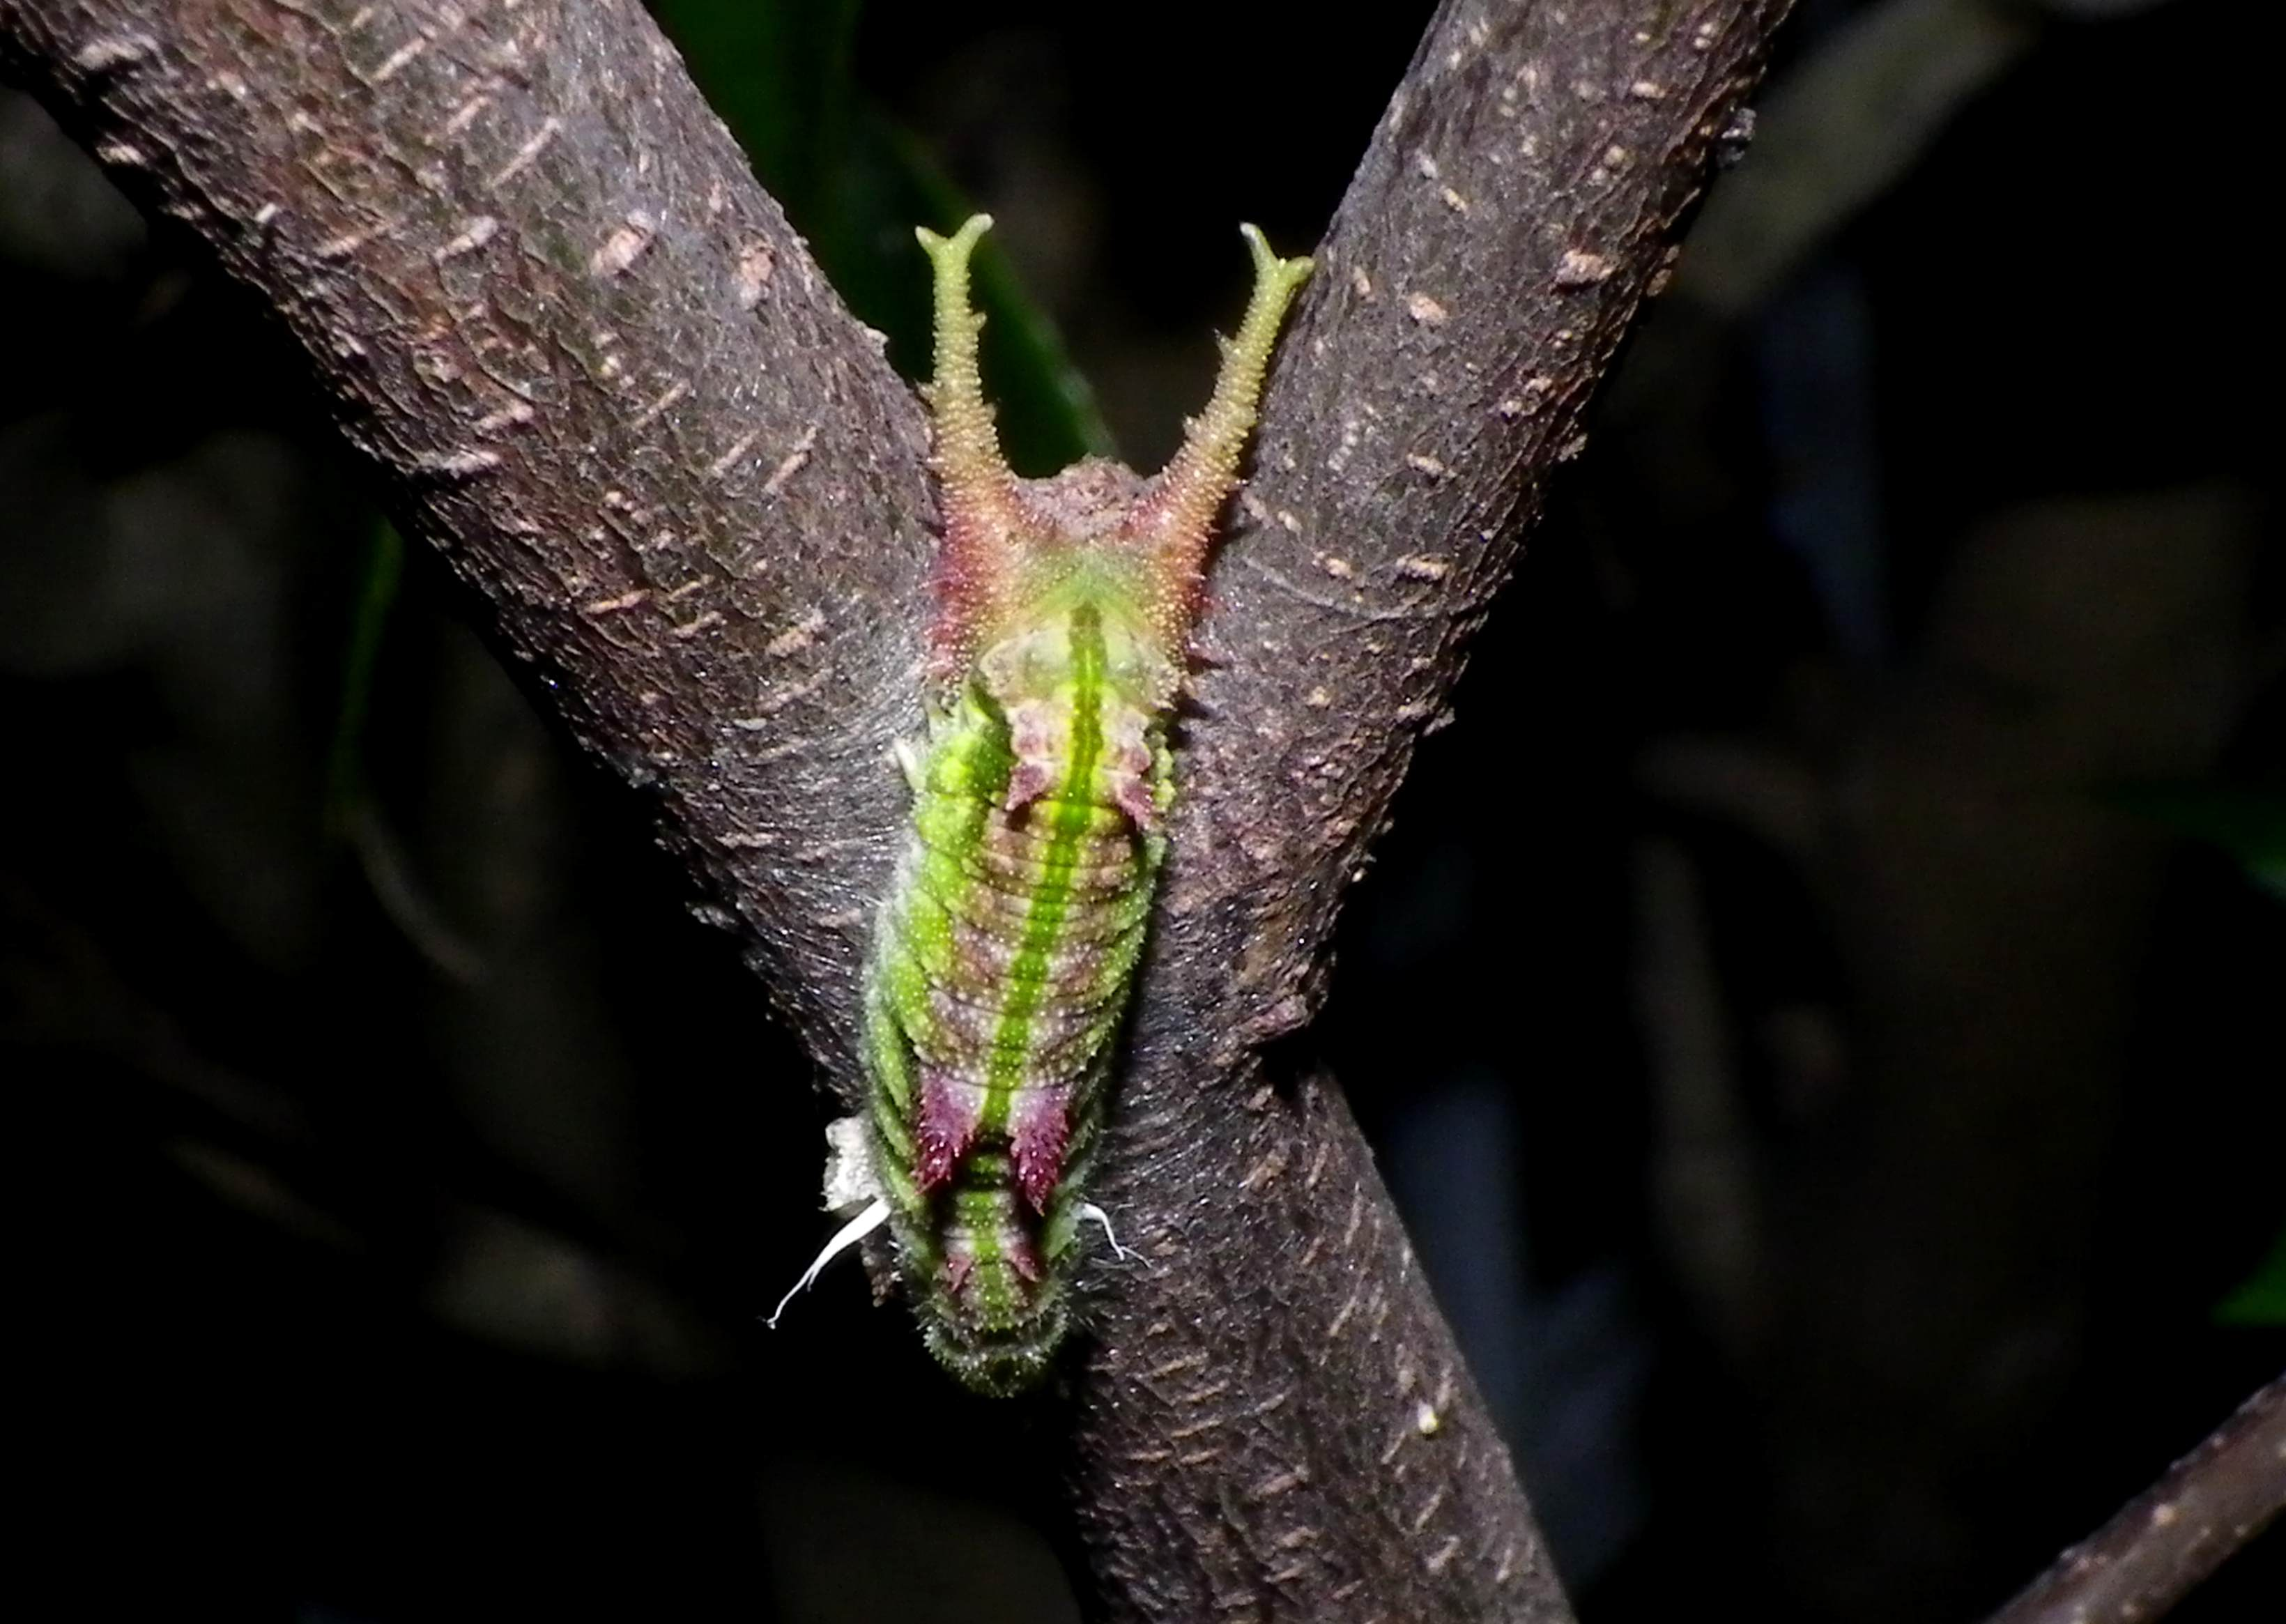 ゴマダラチョウの幼虫 変身!_d0254540_18475861.jpg